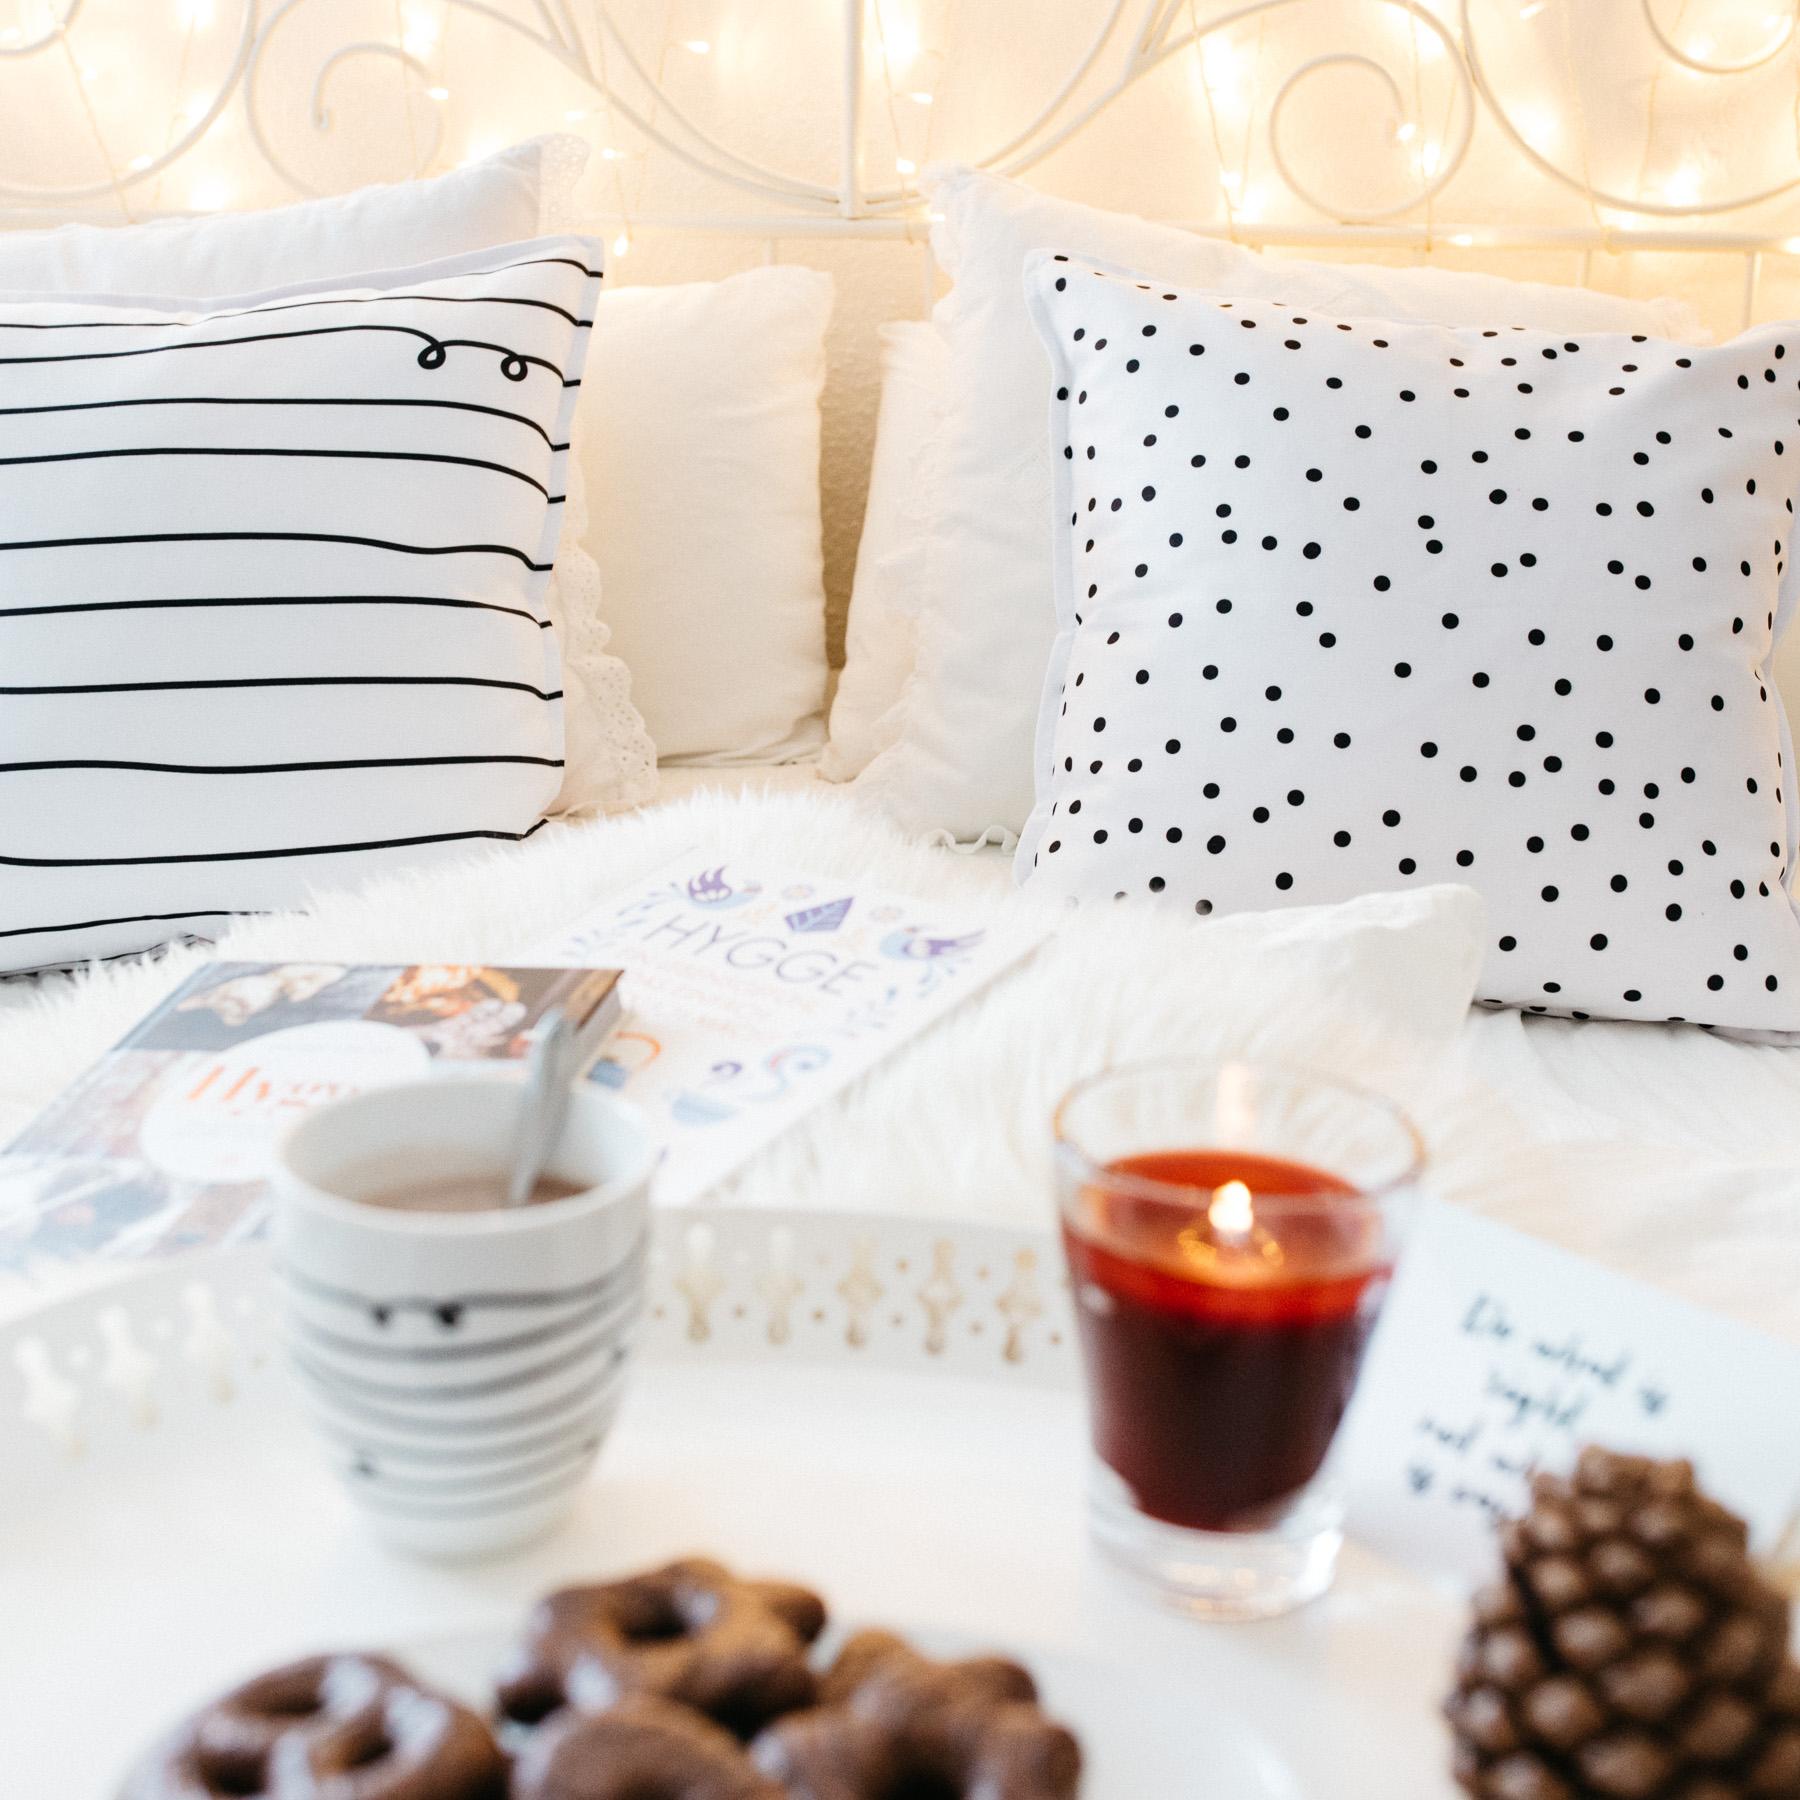 hygge die d nische art gl cklich zu leben. Black Bedroom Furniture Sets. Home Design Ideas